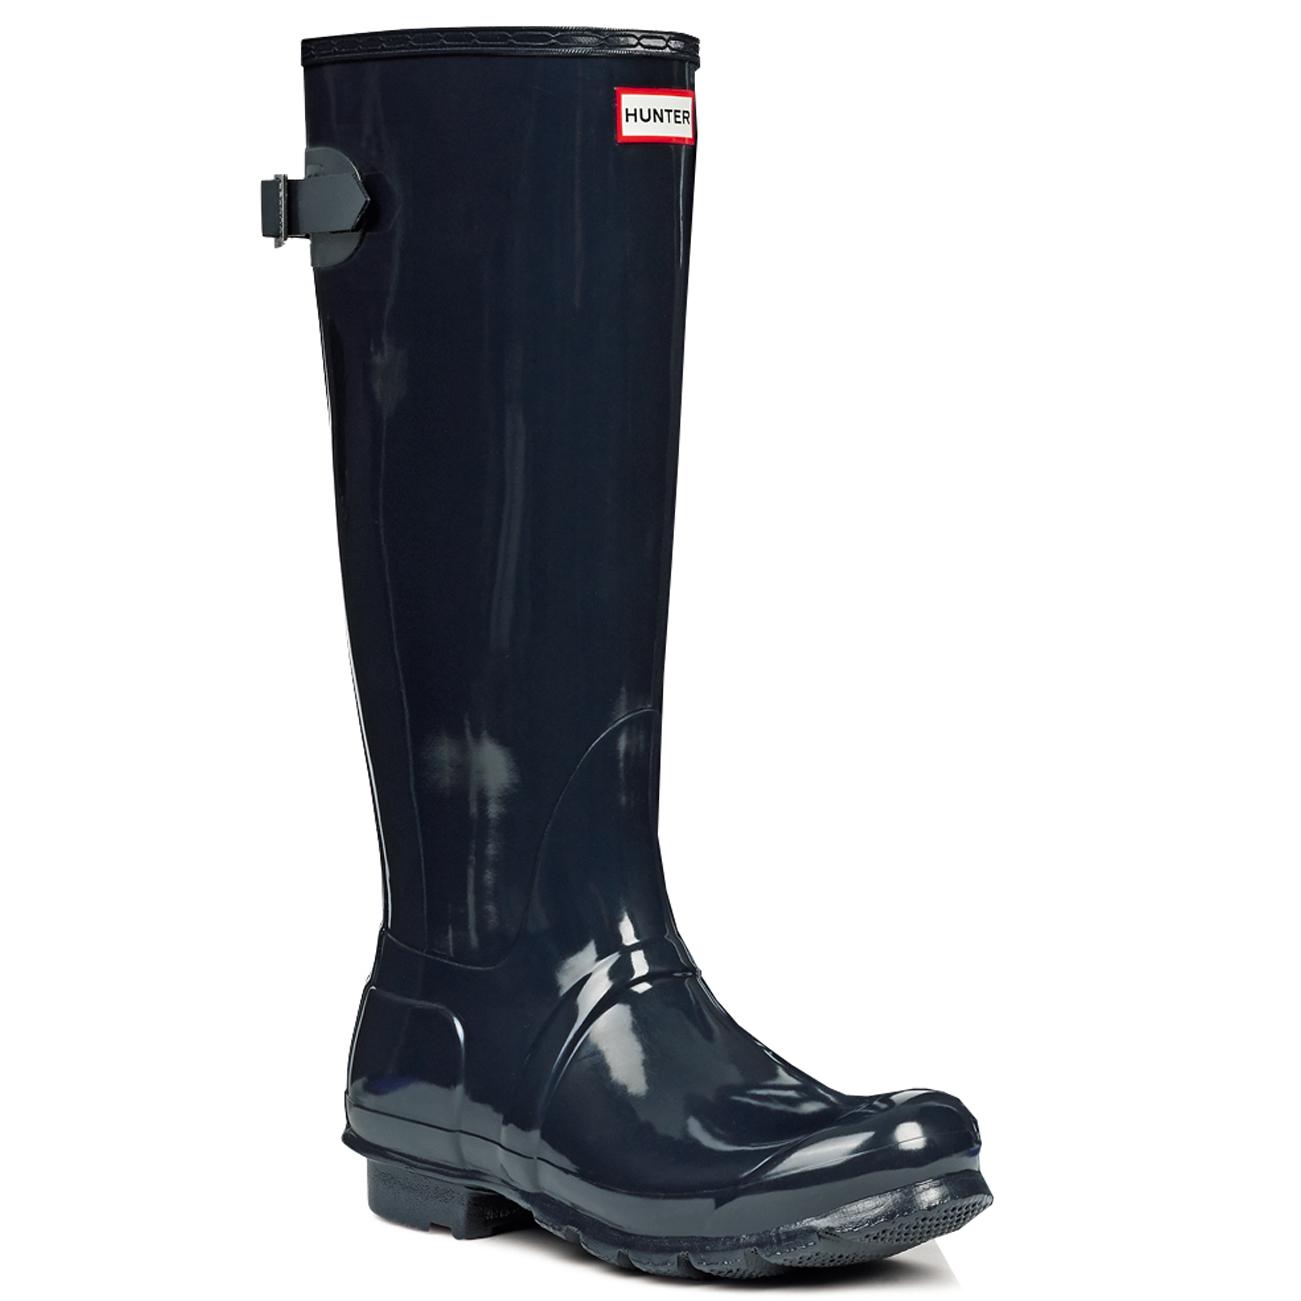 Fantastic Clothes Shoes Amp Accessories Gt Women39s Shoes Gt Boots